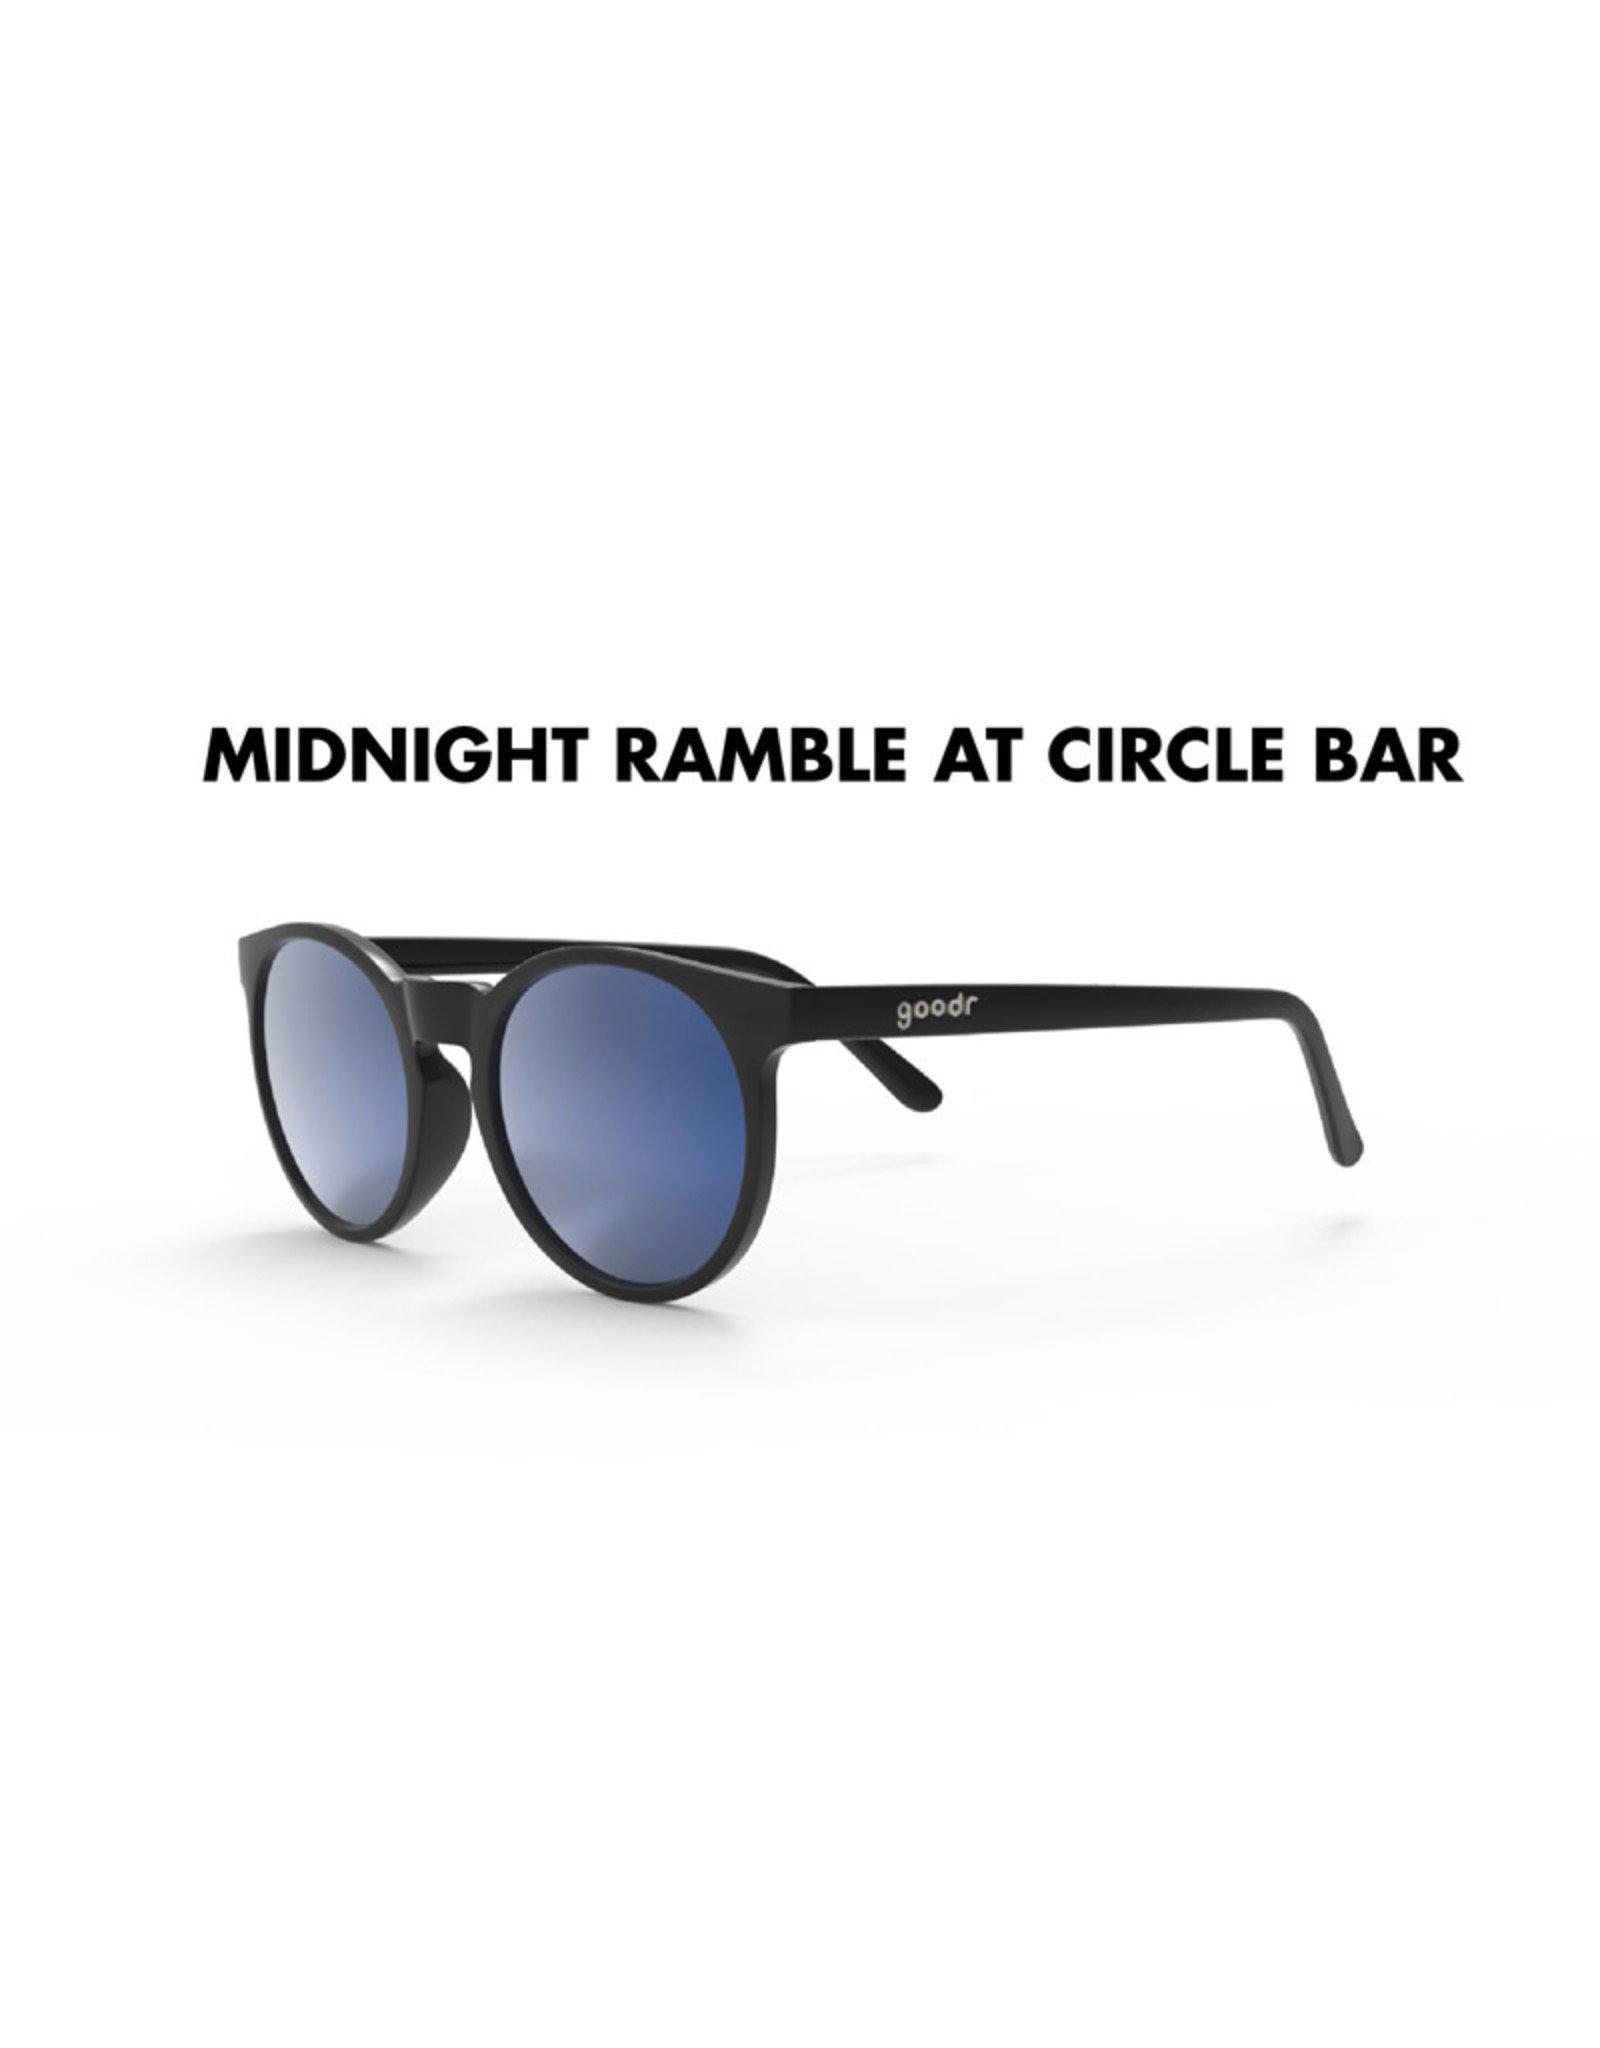 GOODR Midnight Ramble at Circle Bar